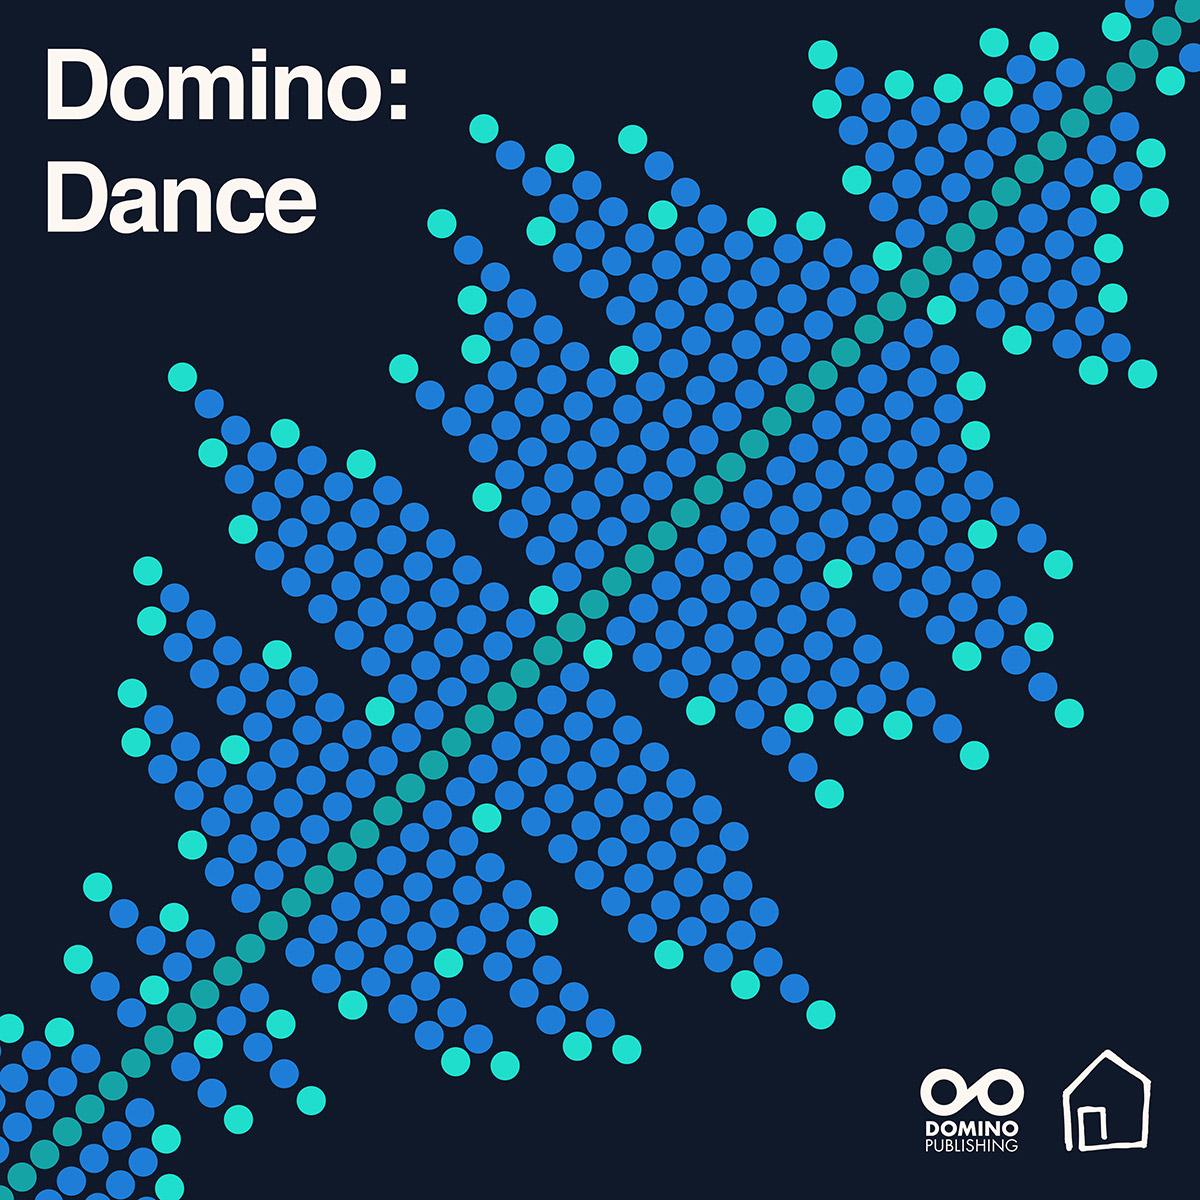 Domino-Dance